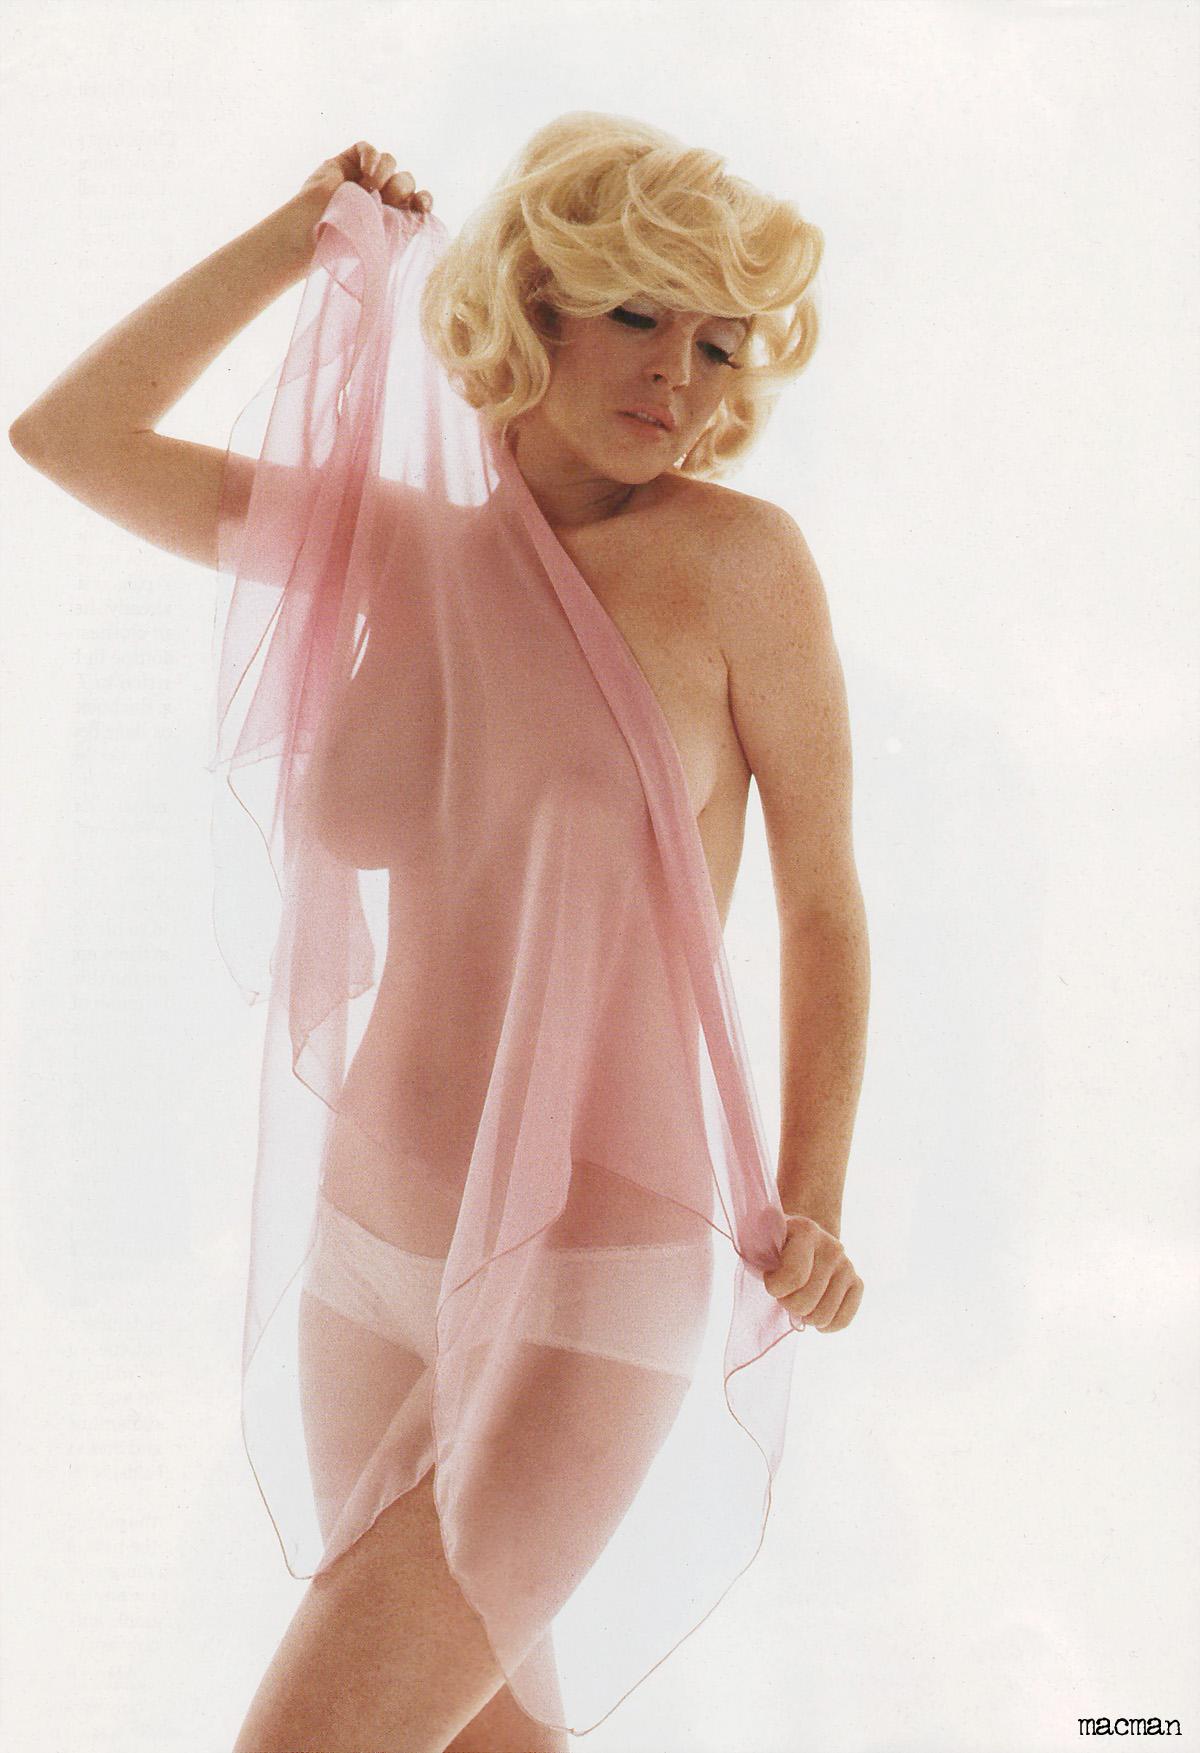 Vanity Fair...big deal...get over it!